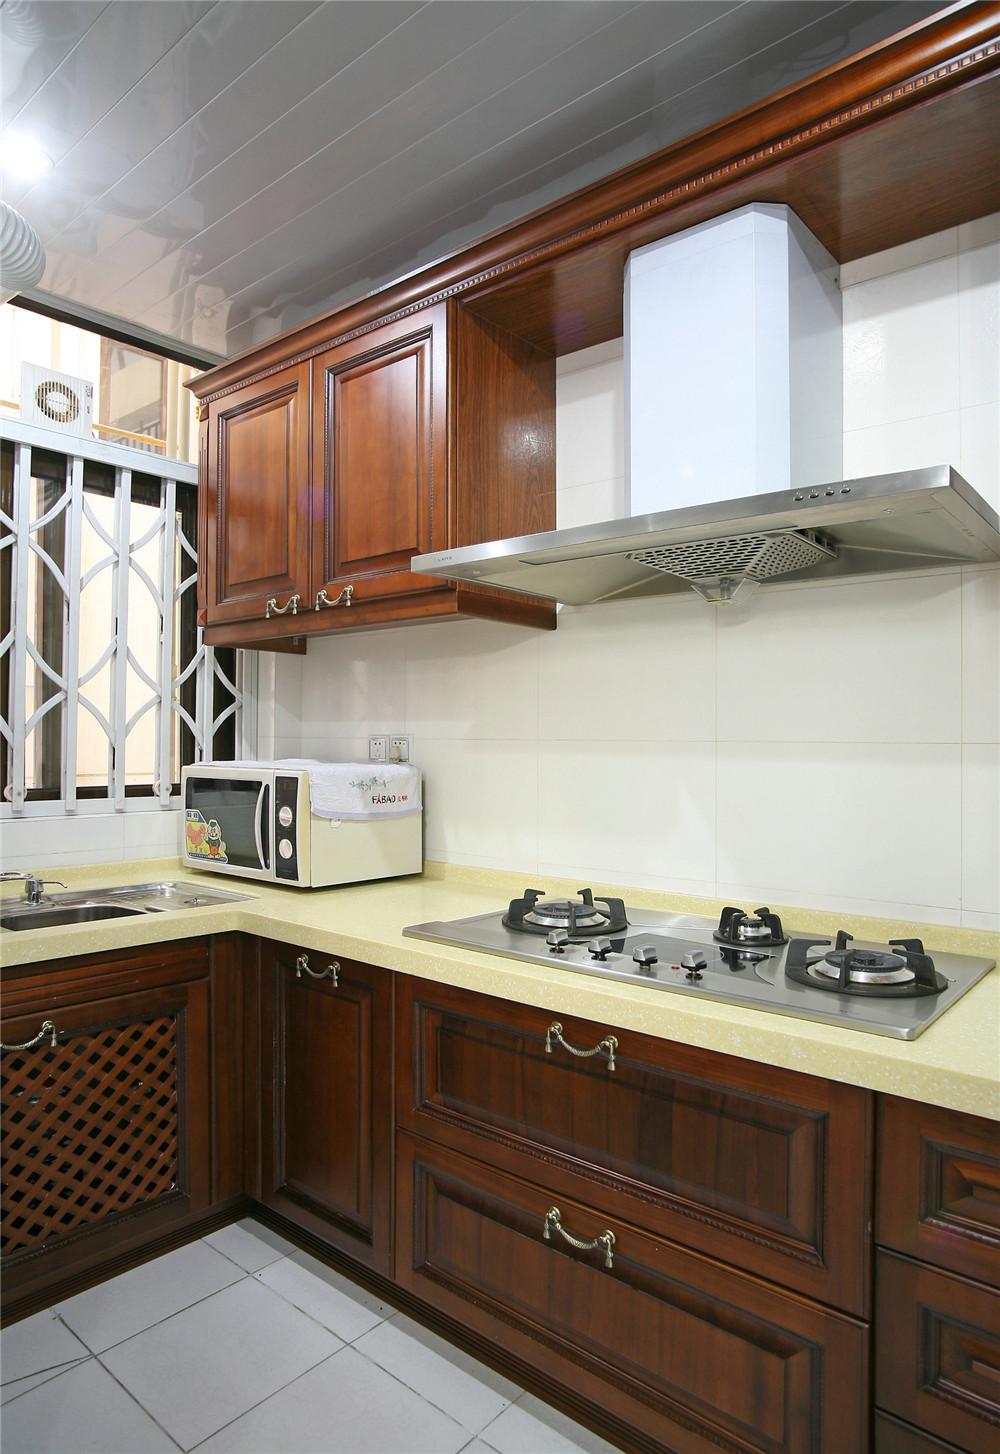 旧房改造 中式风格 四居 小资 厨房图片来自装饰装修-18818806853在珠江新城中海花地-中式风格的分享